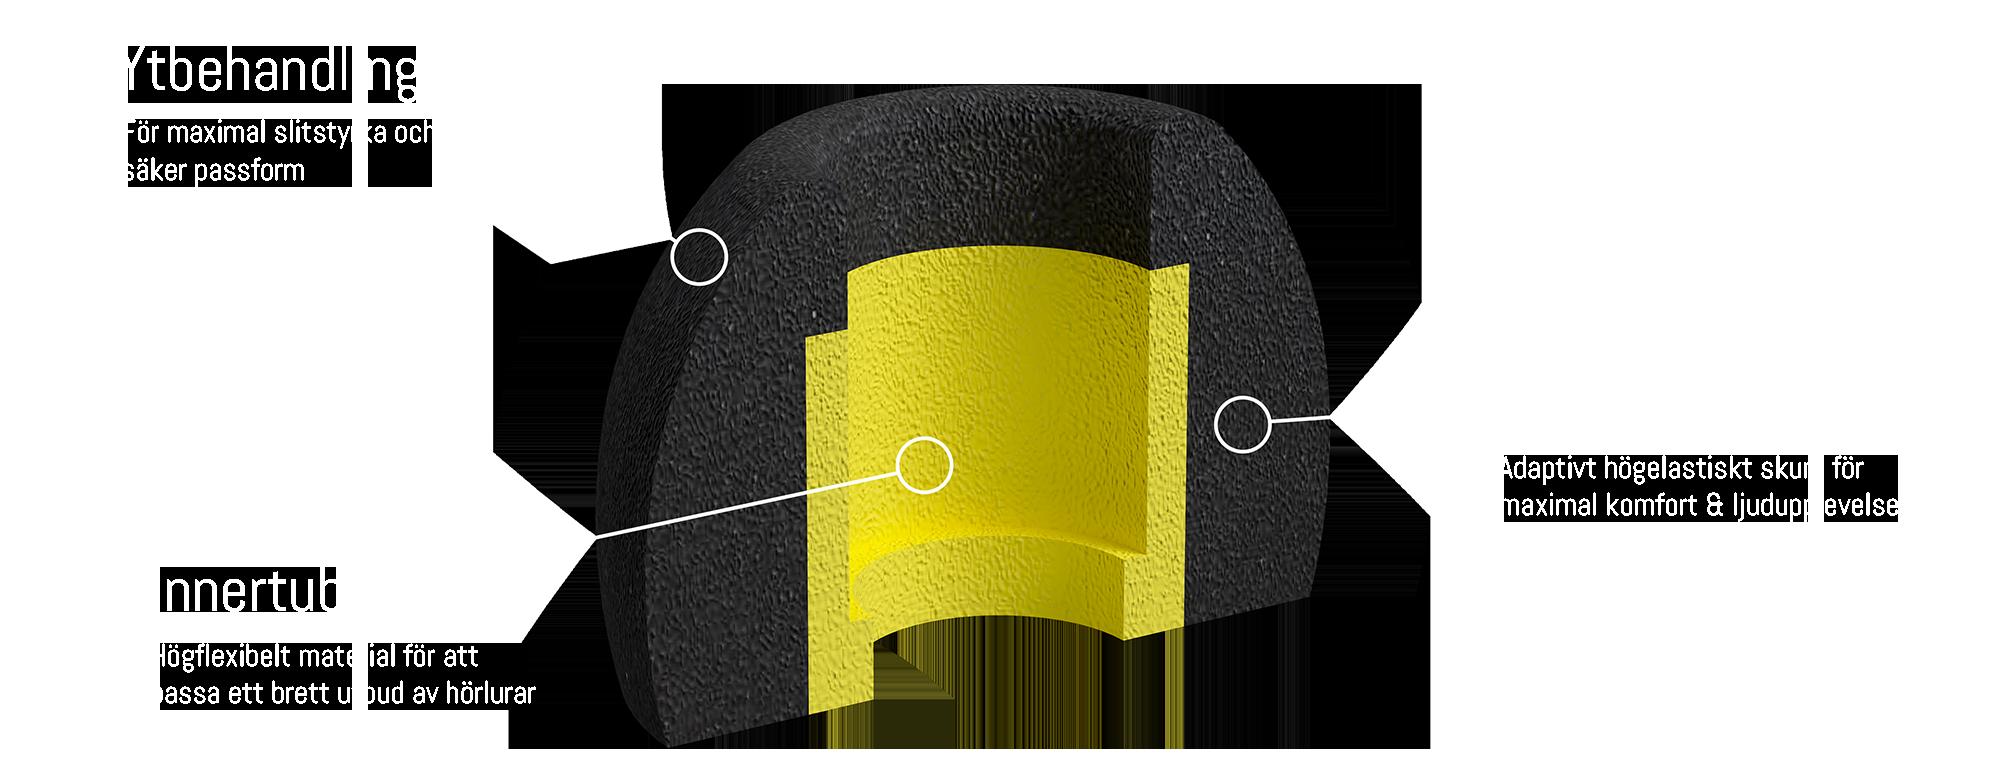 Comfort Foam Tips - öronkuddar för true wireless hörlurar, memory foam